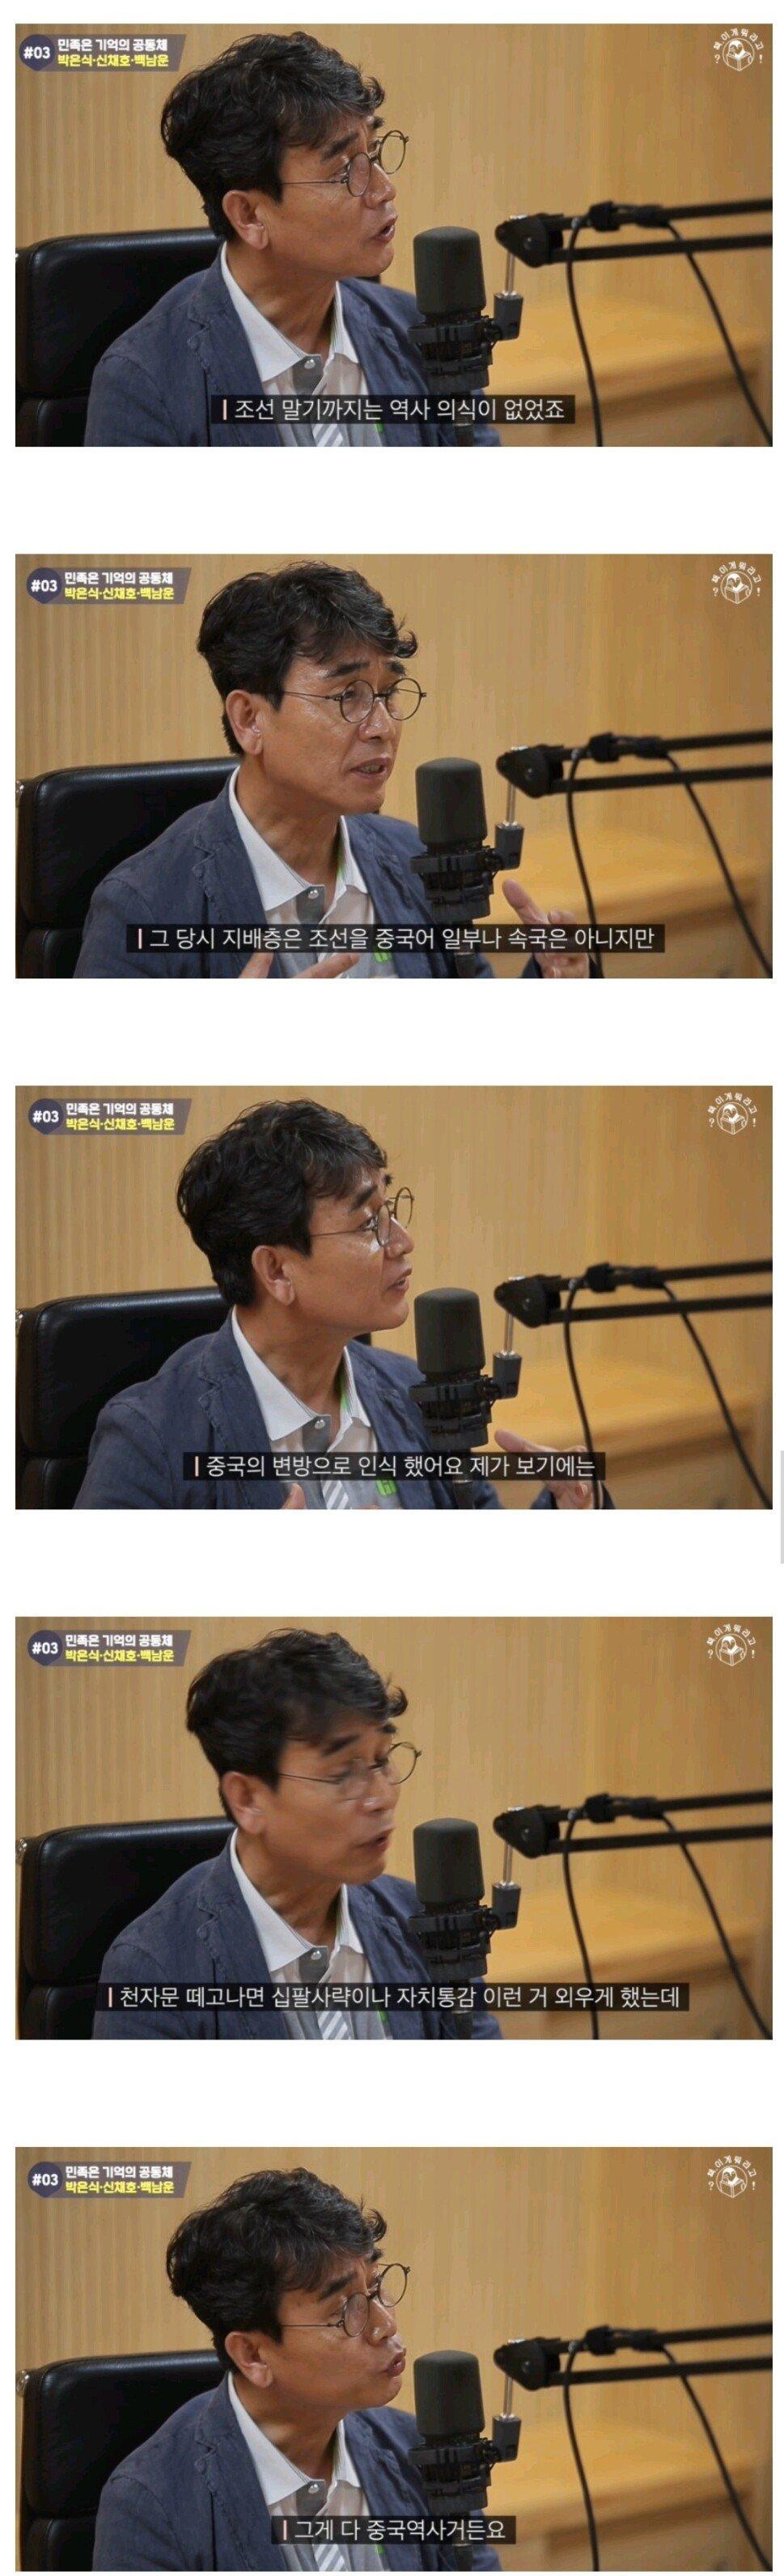 조선의 통치층은 자신을 중국인이라고 생각했다